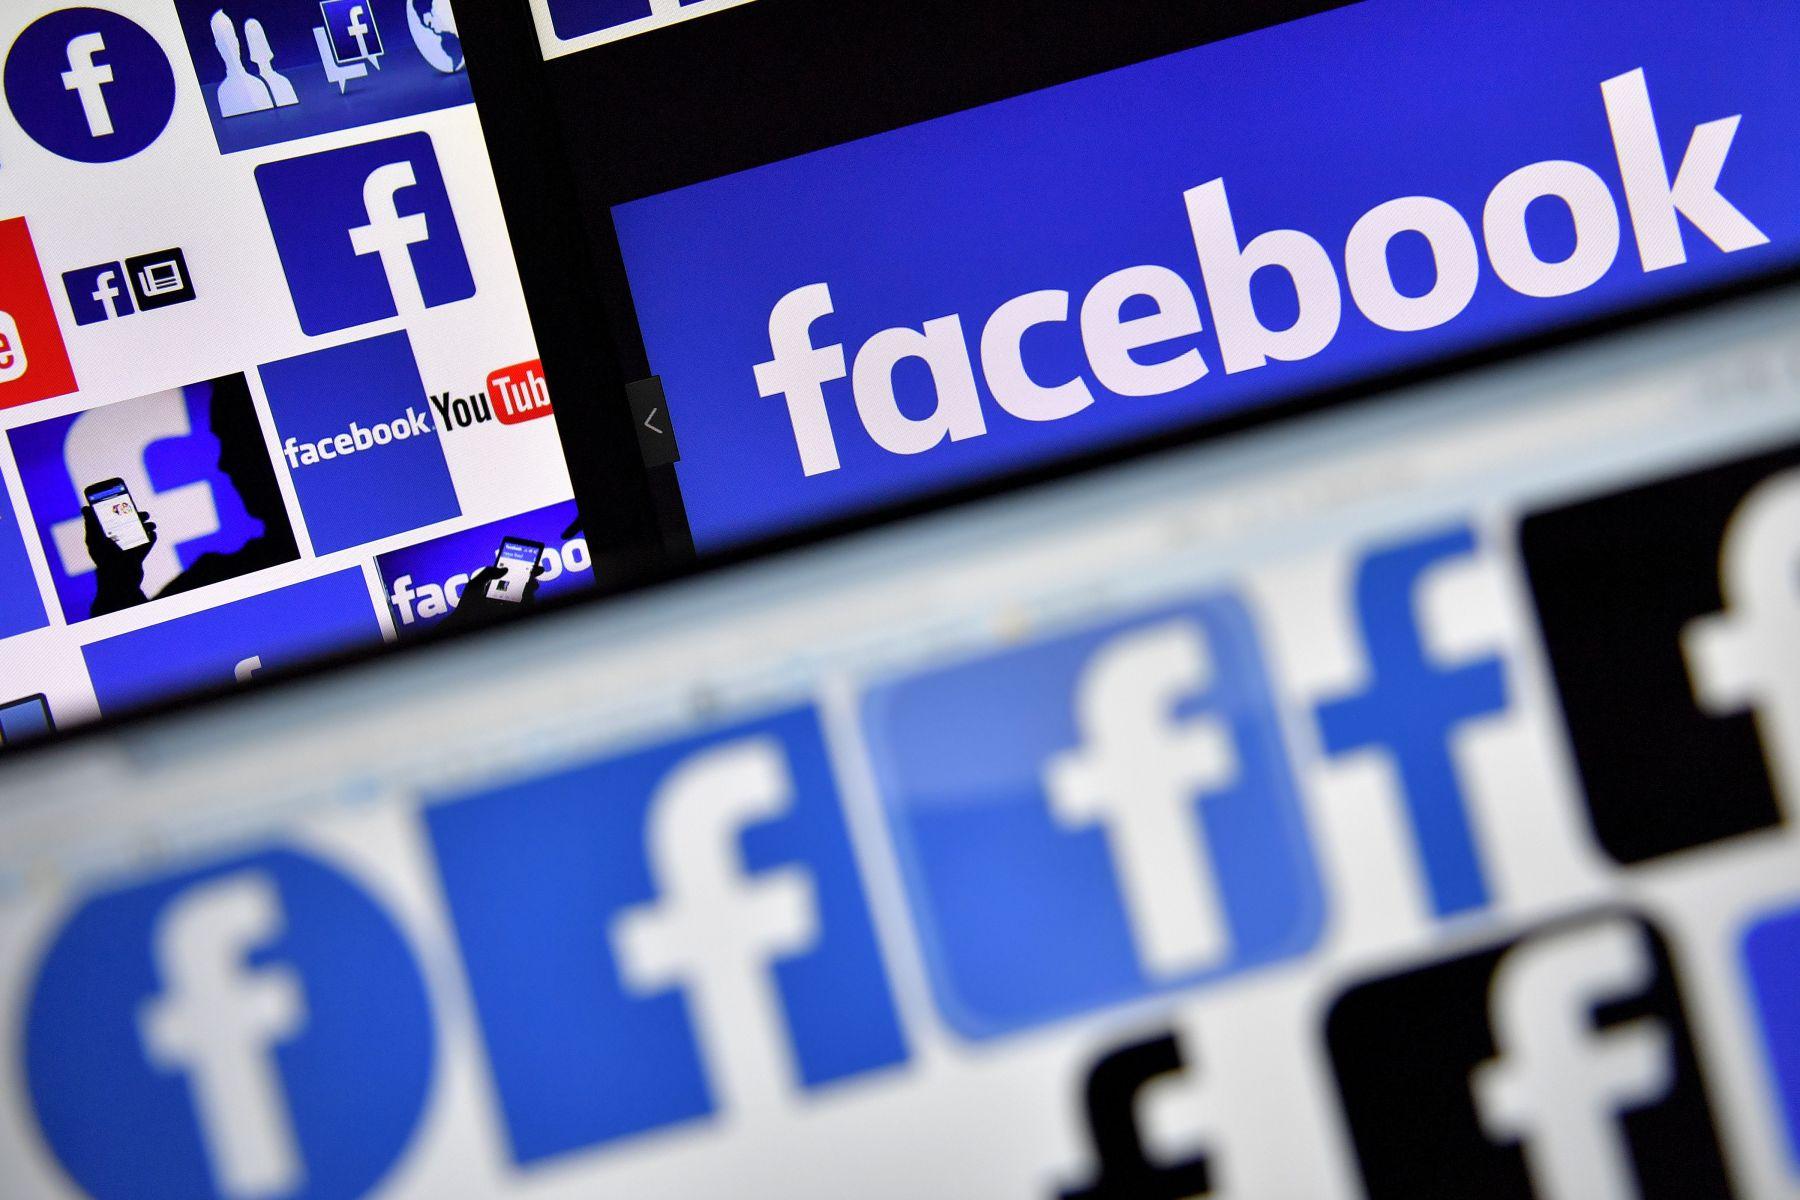 Facebook targeted political ads